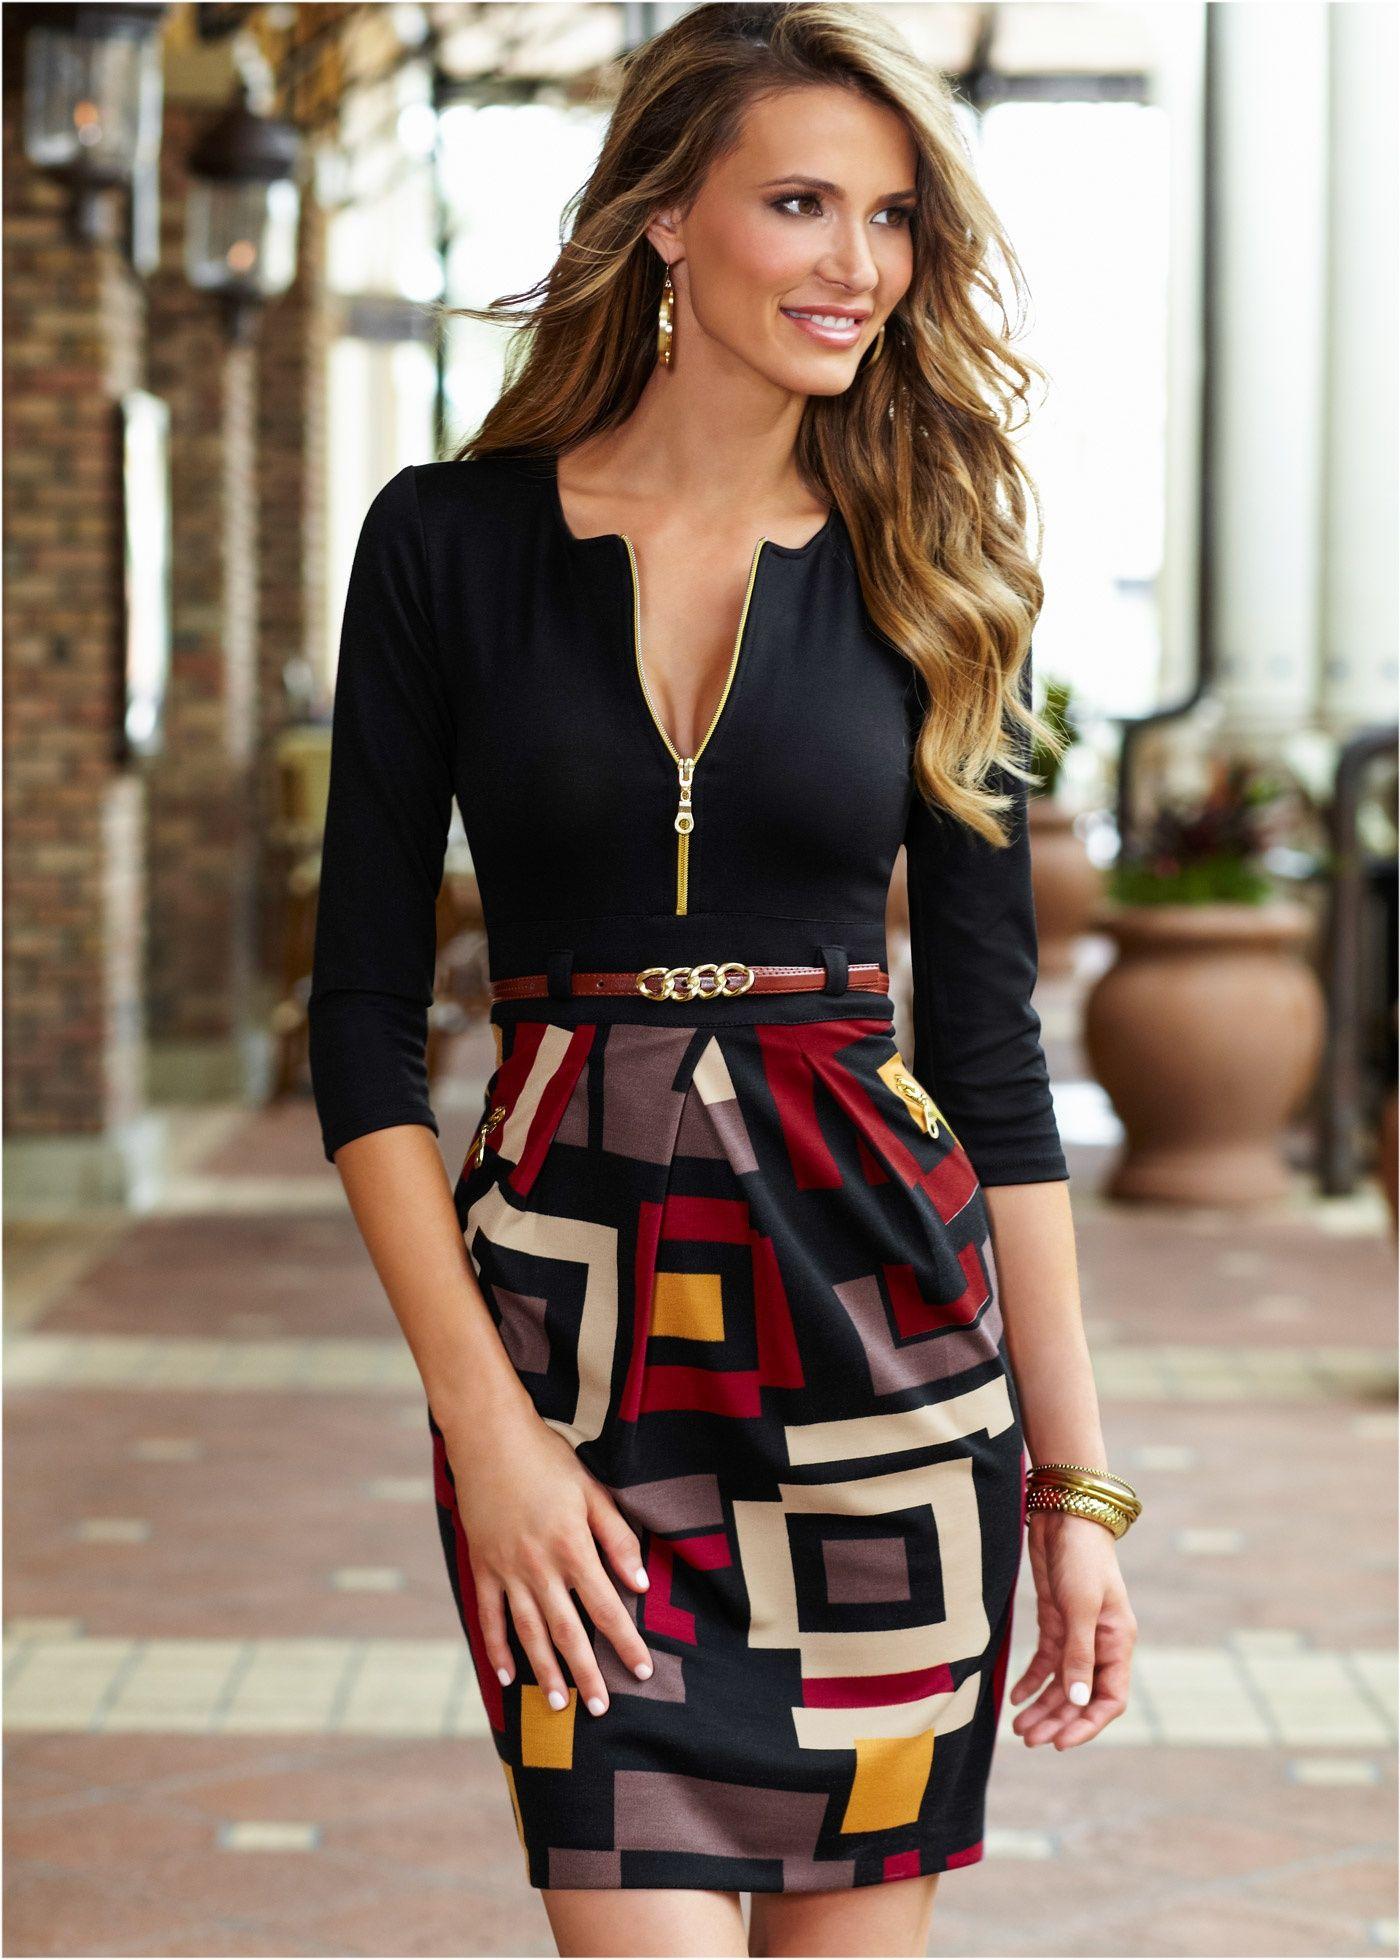 8537f31ab Vestido estampado preto encomendar agora na loja on-line bonprix.de R$  149,00 a partir de Vestido com saia estampada e conto em couro sintético.